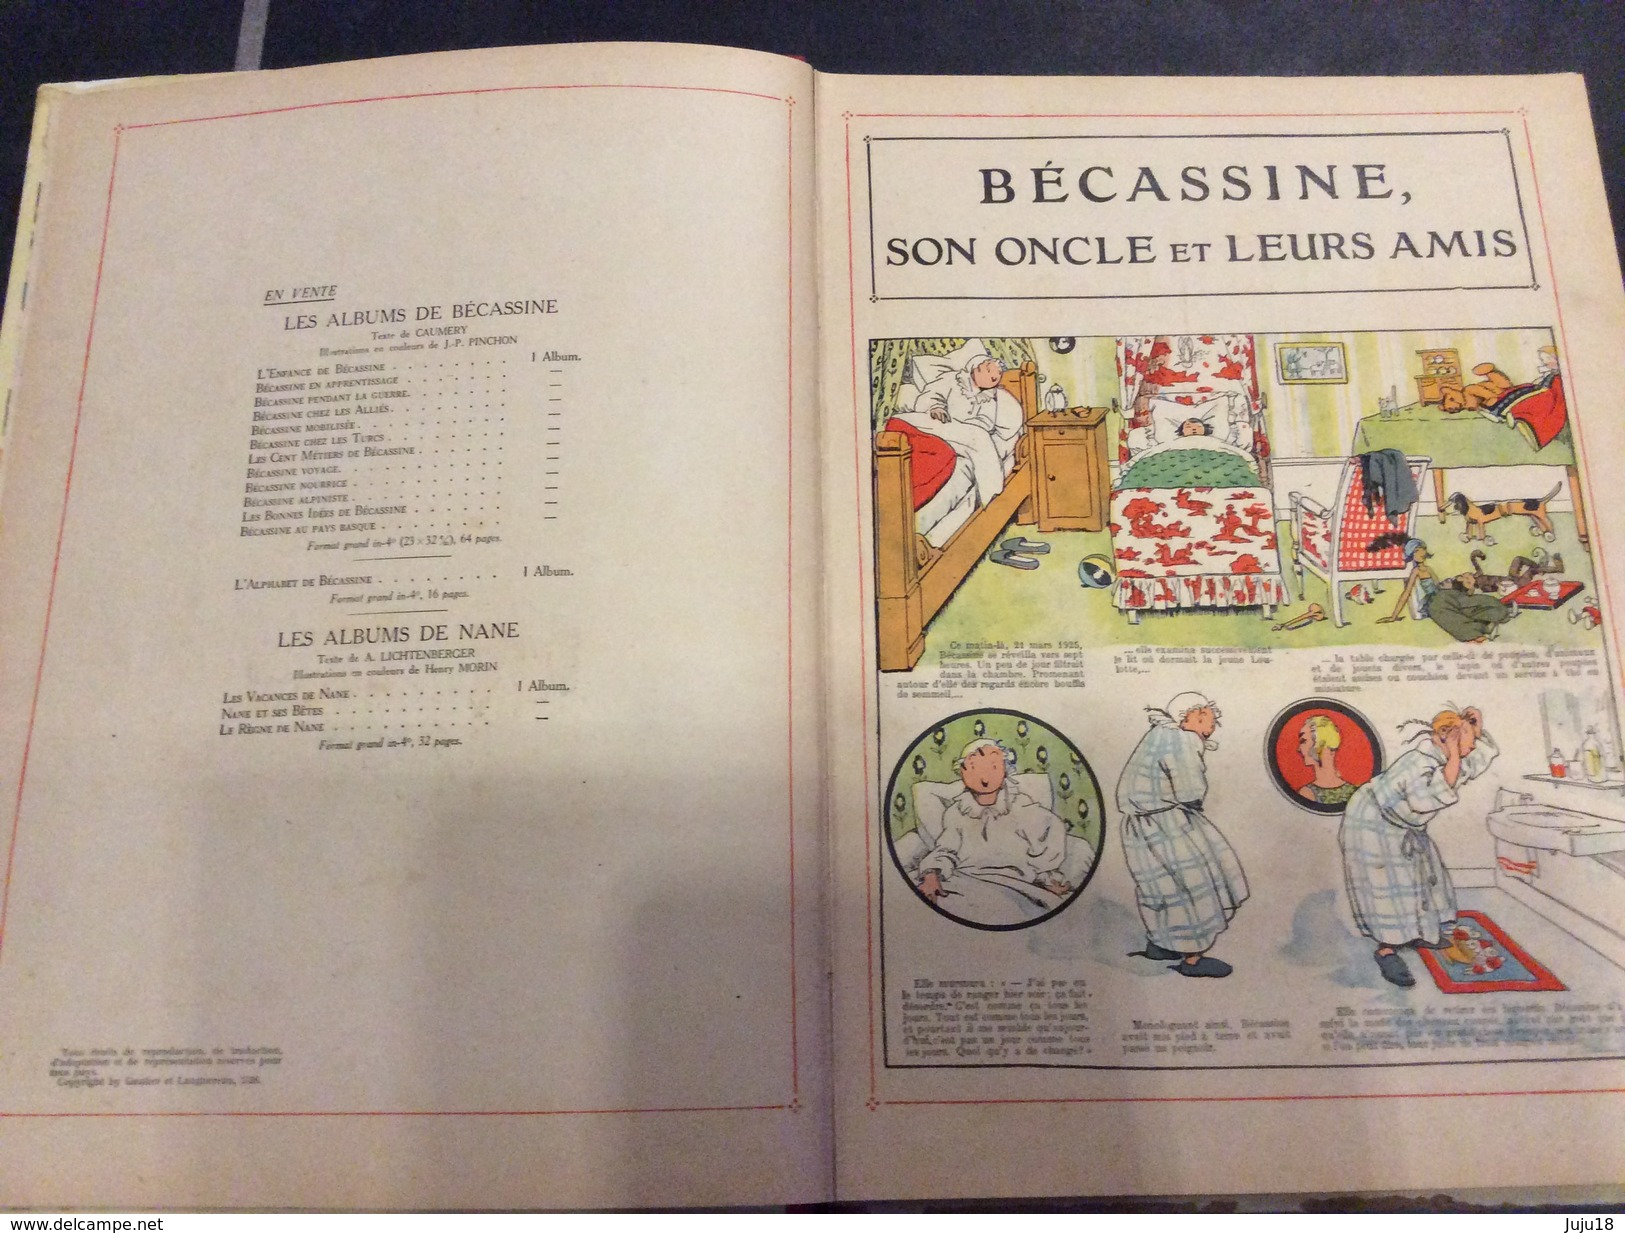 Becassine, Son Oncle Et Ses Amis - 1926 - Bécassine